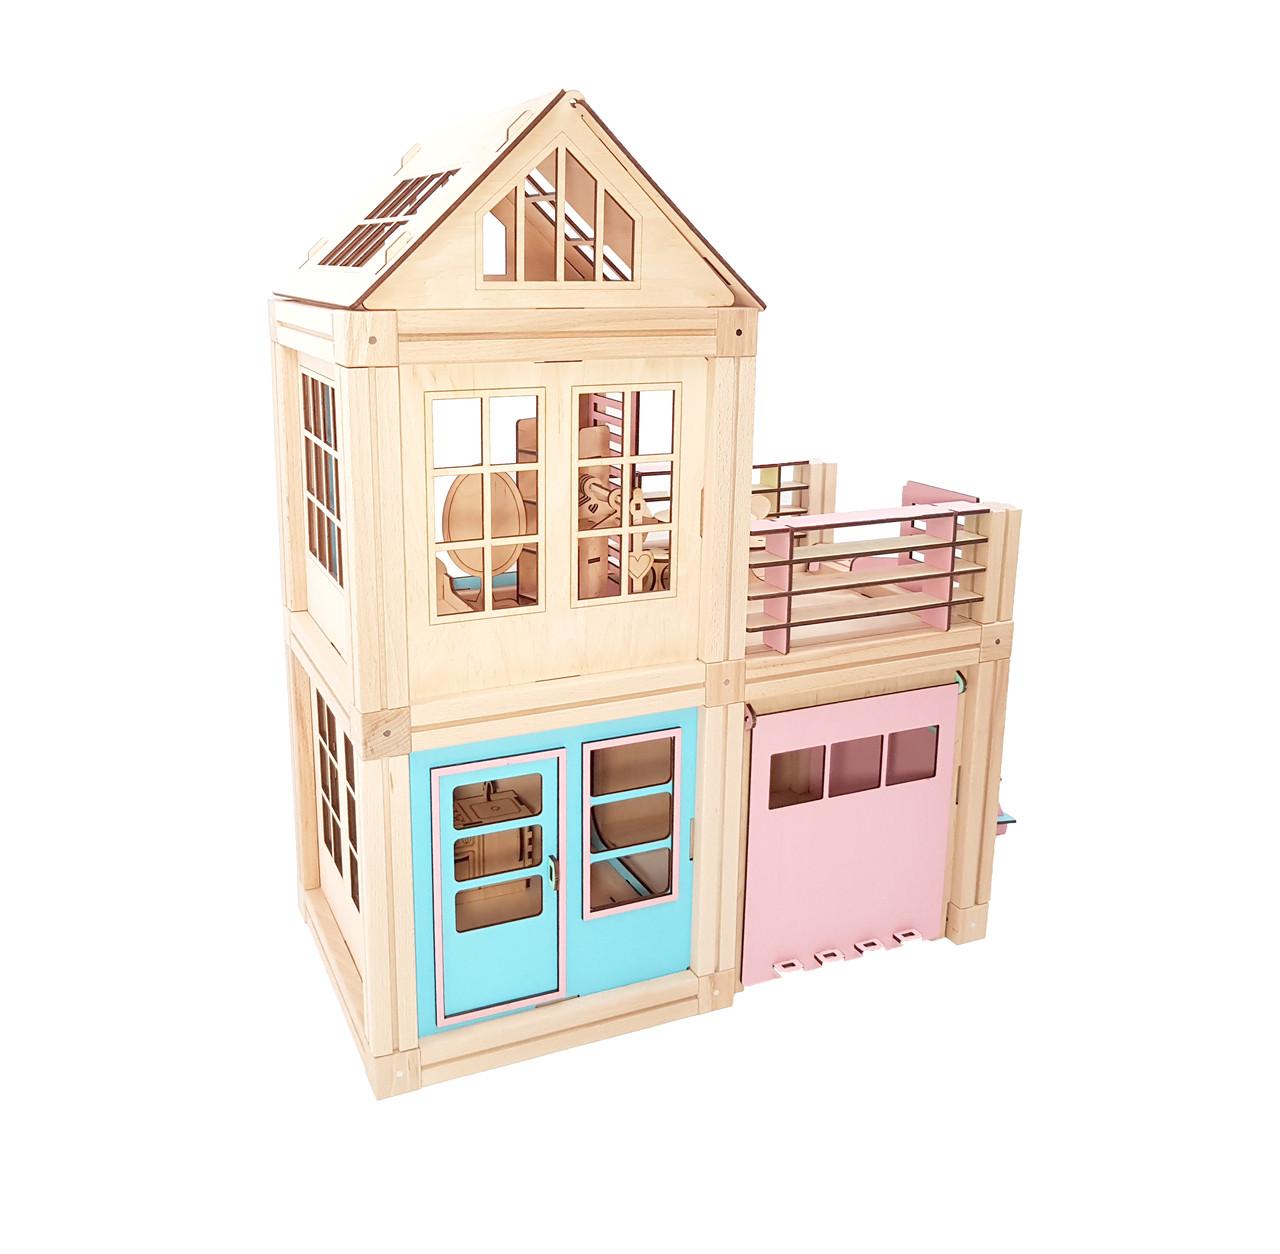 Магнитный деревянный конструктор Woodyco House with garage 98 деталей (77333)